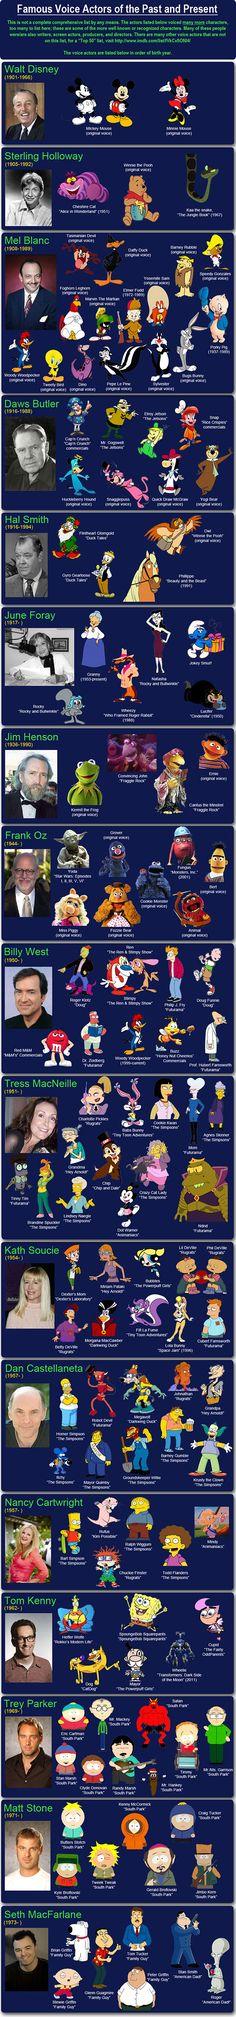 Famous Voice Actors